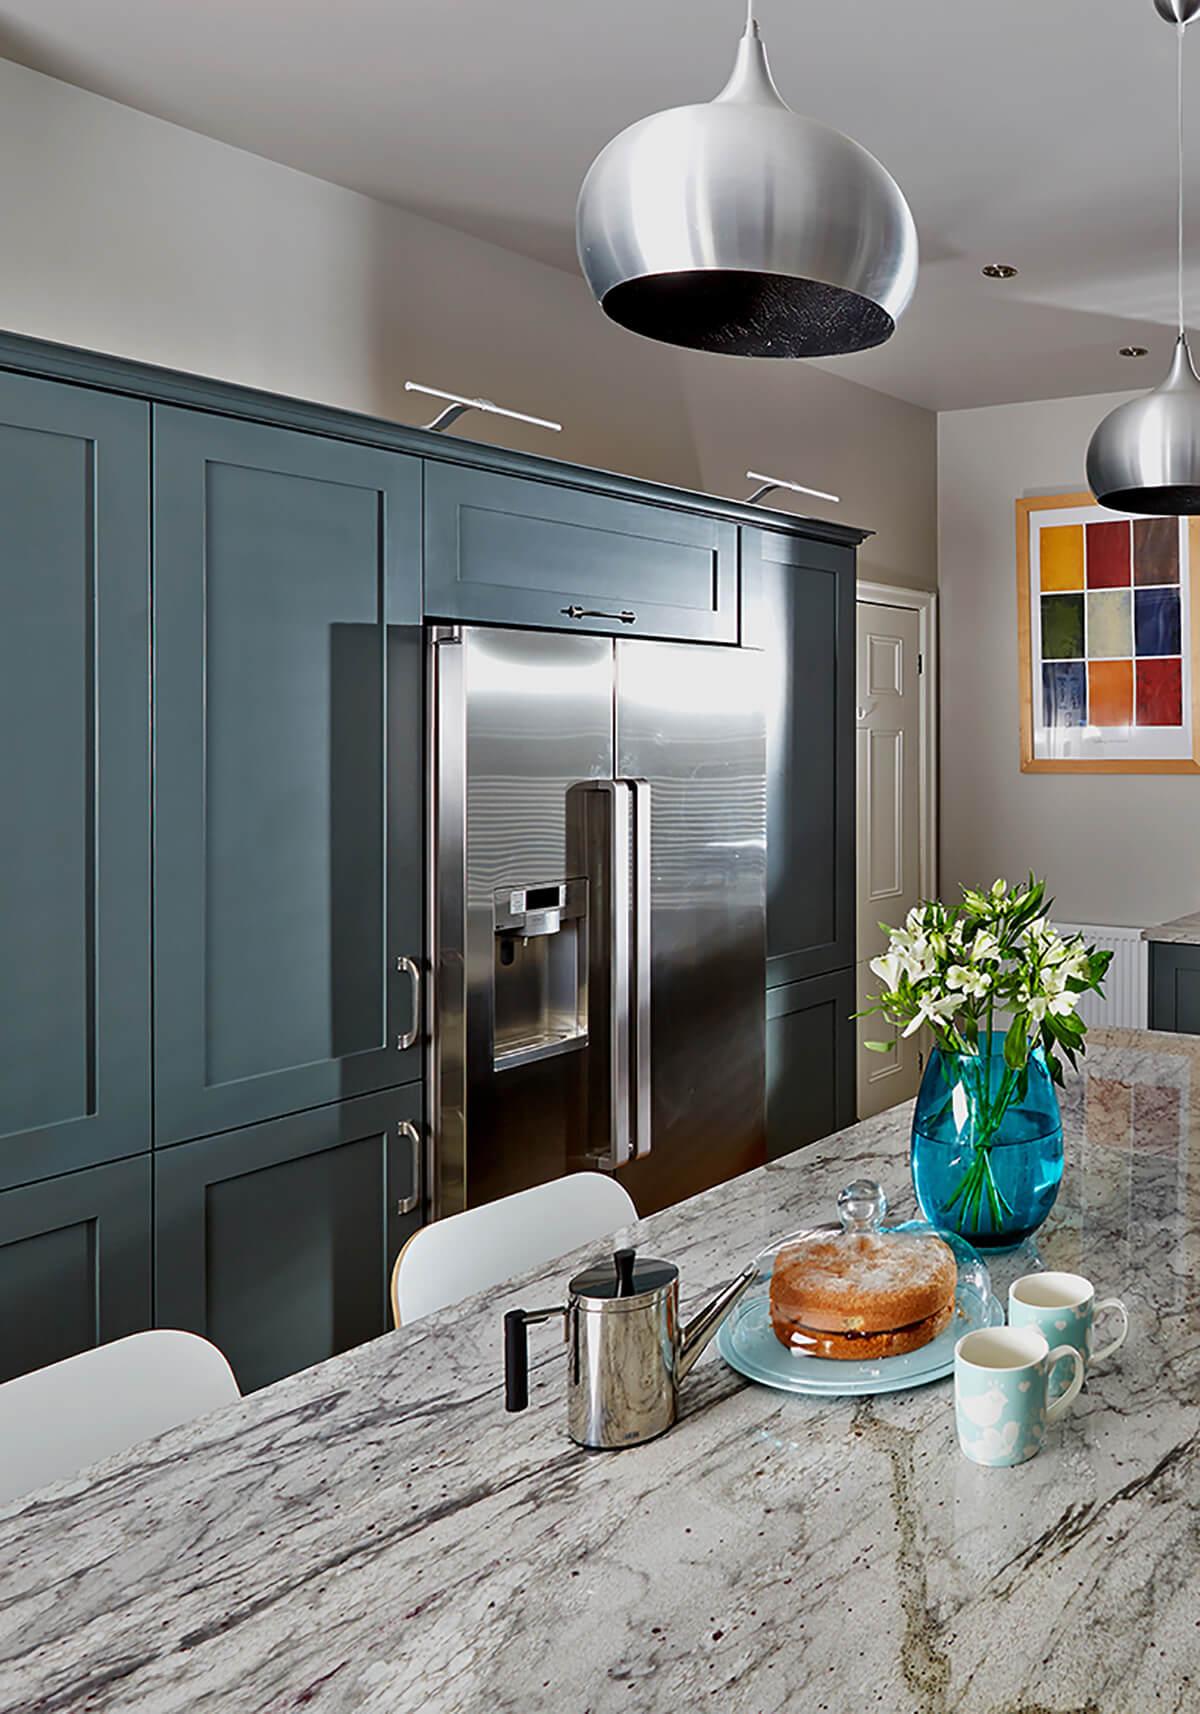 Design Your Kitchen Around An American Fridge Freezer   Kitchen ...